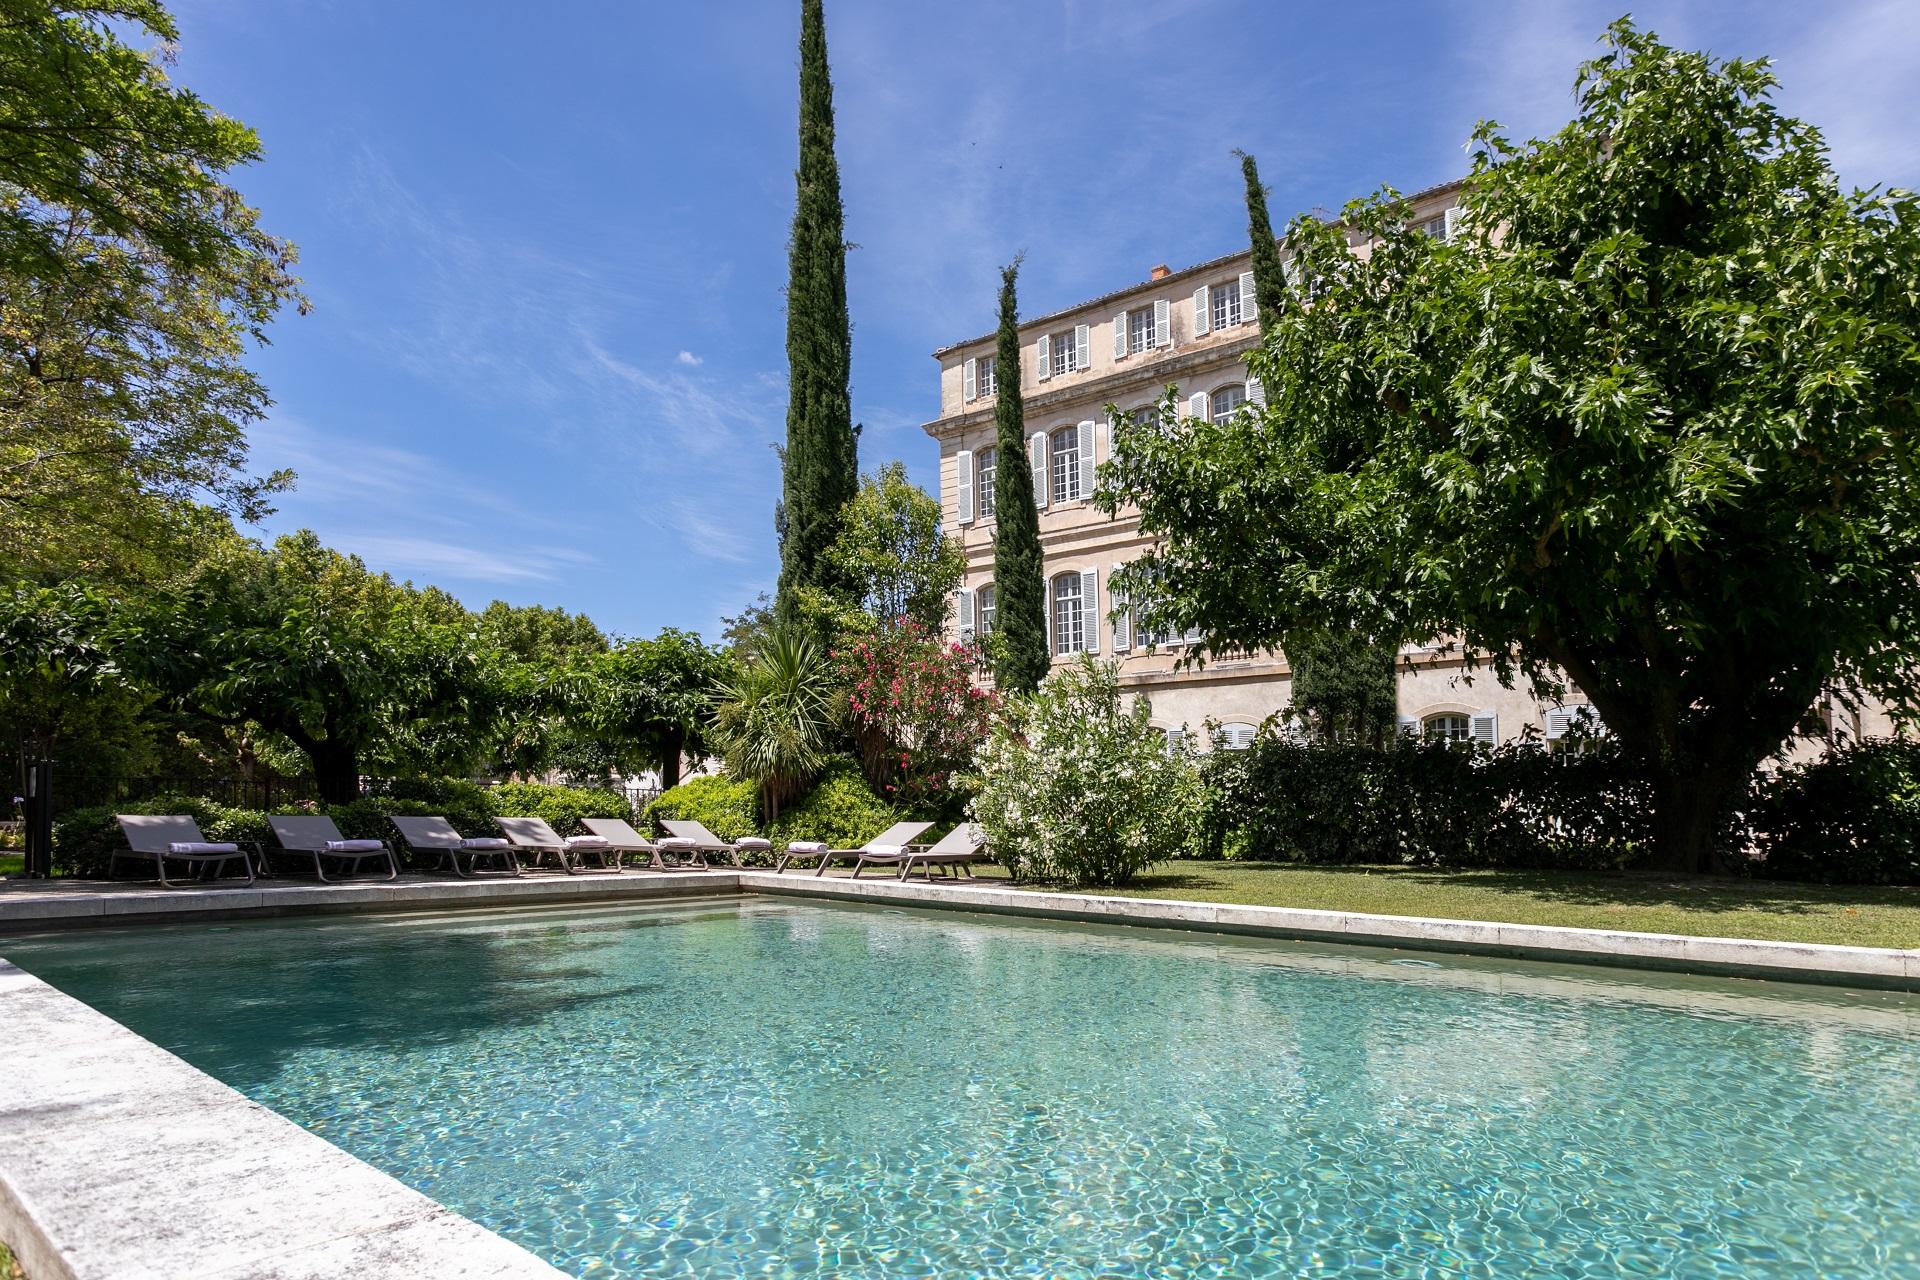 chateau-de-mazan-ventoux-vaucluse -avignon-provence-piscine-seminaires-de-caractere